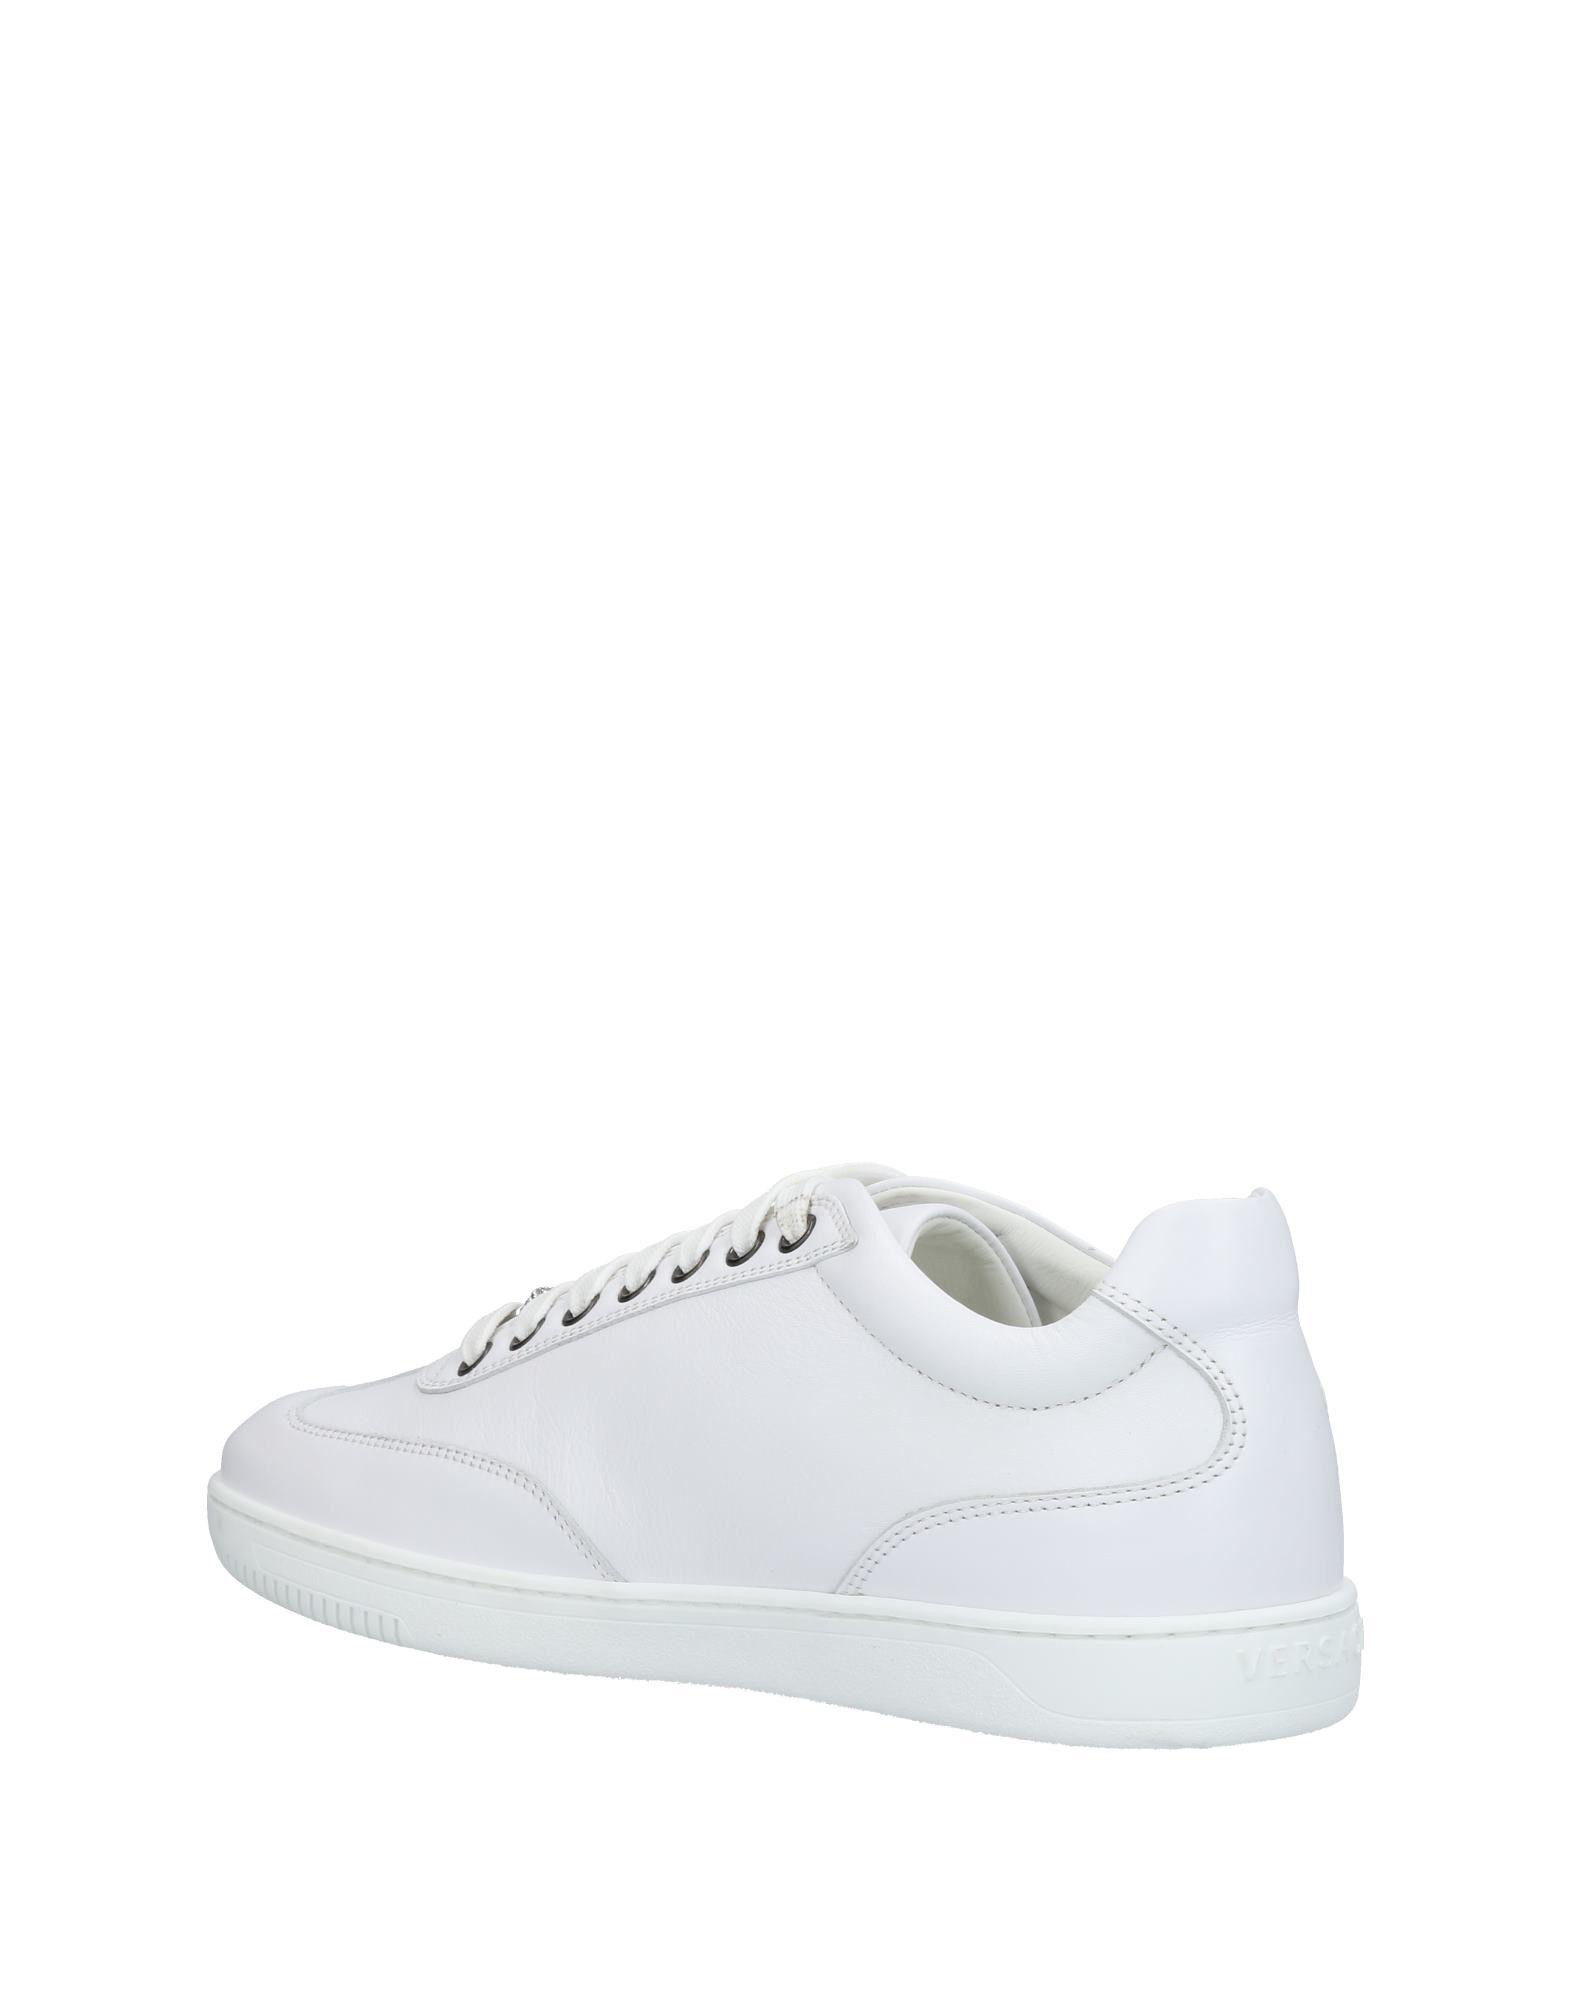 Versace Sneakers Herren Herren Sneakers  11461154FP 14a196